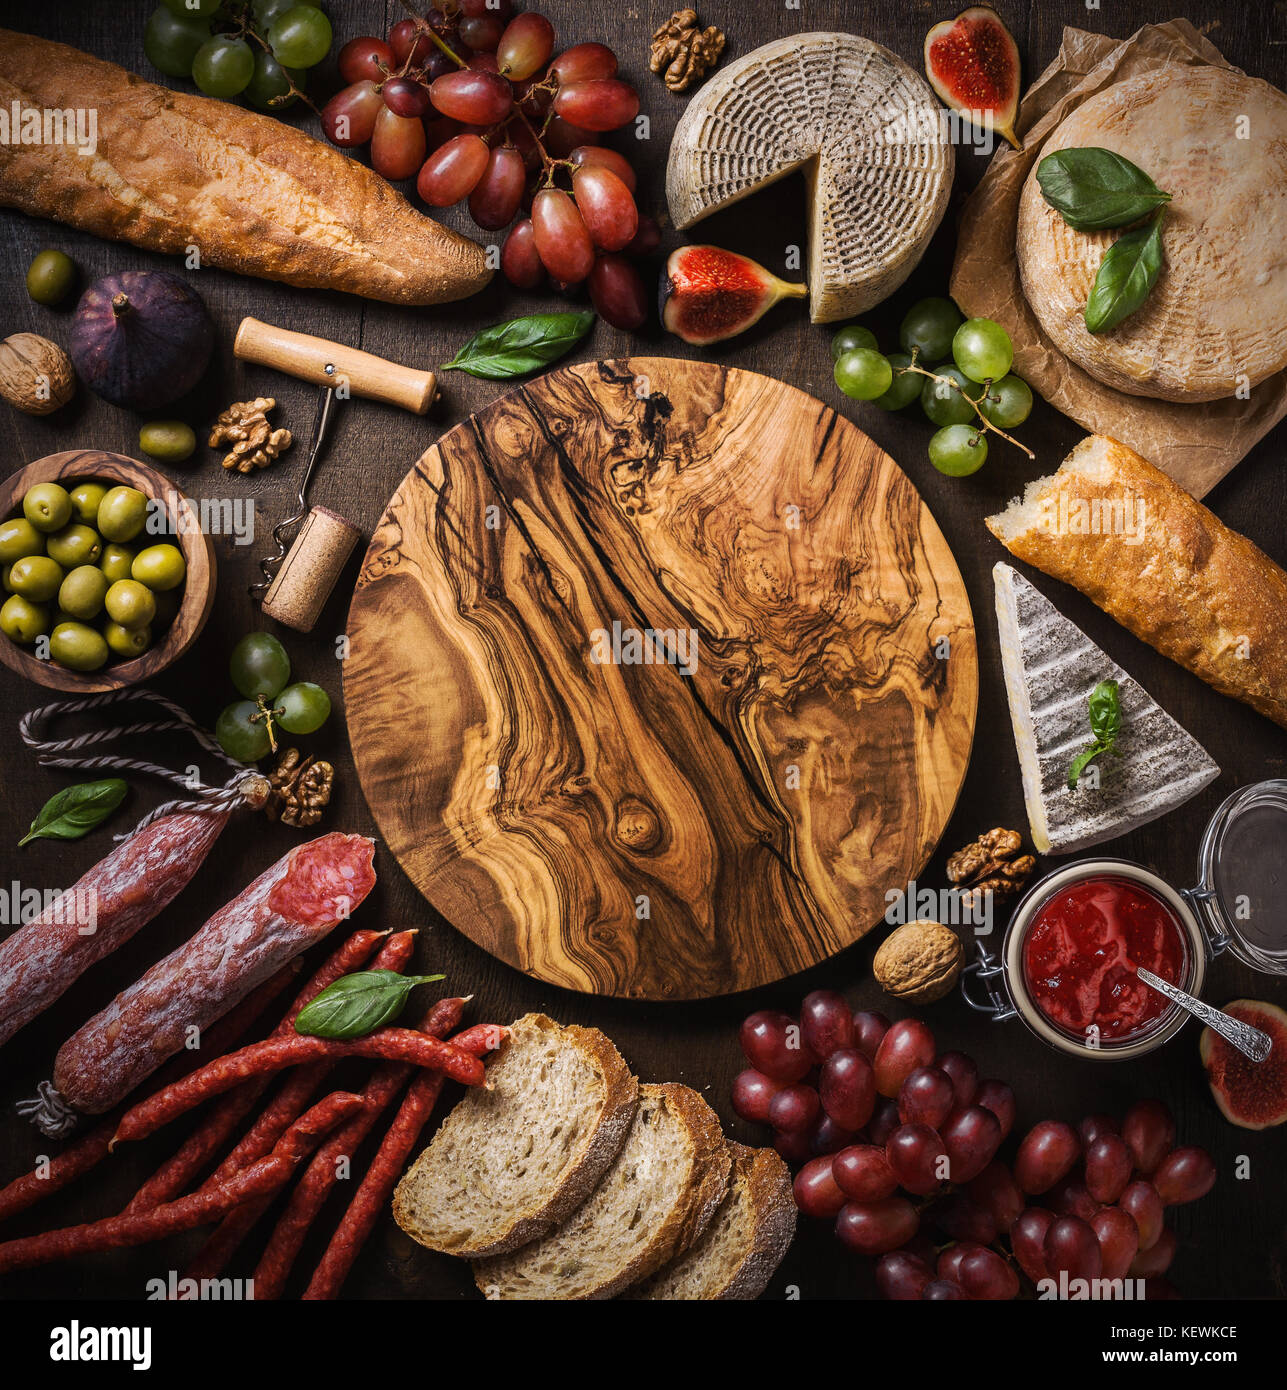 Composición laicos plana con queso, carne y frutas. Vista superior, espacio de copia Imagen De Stock